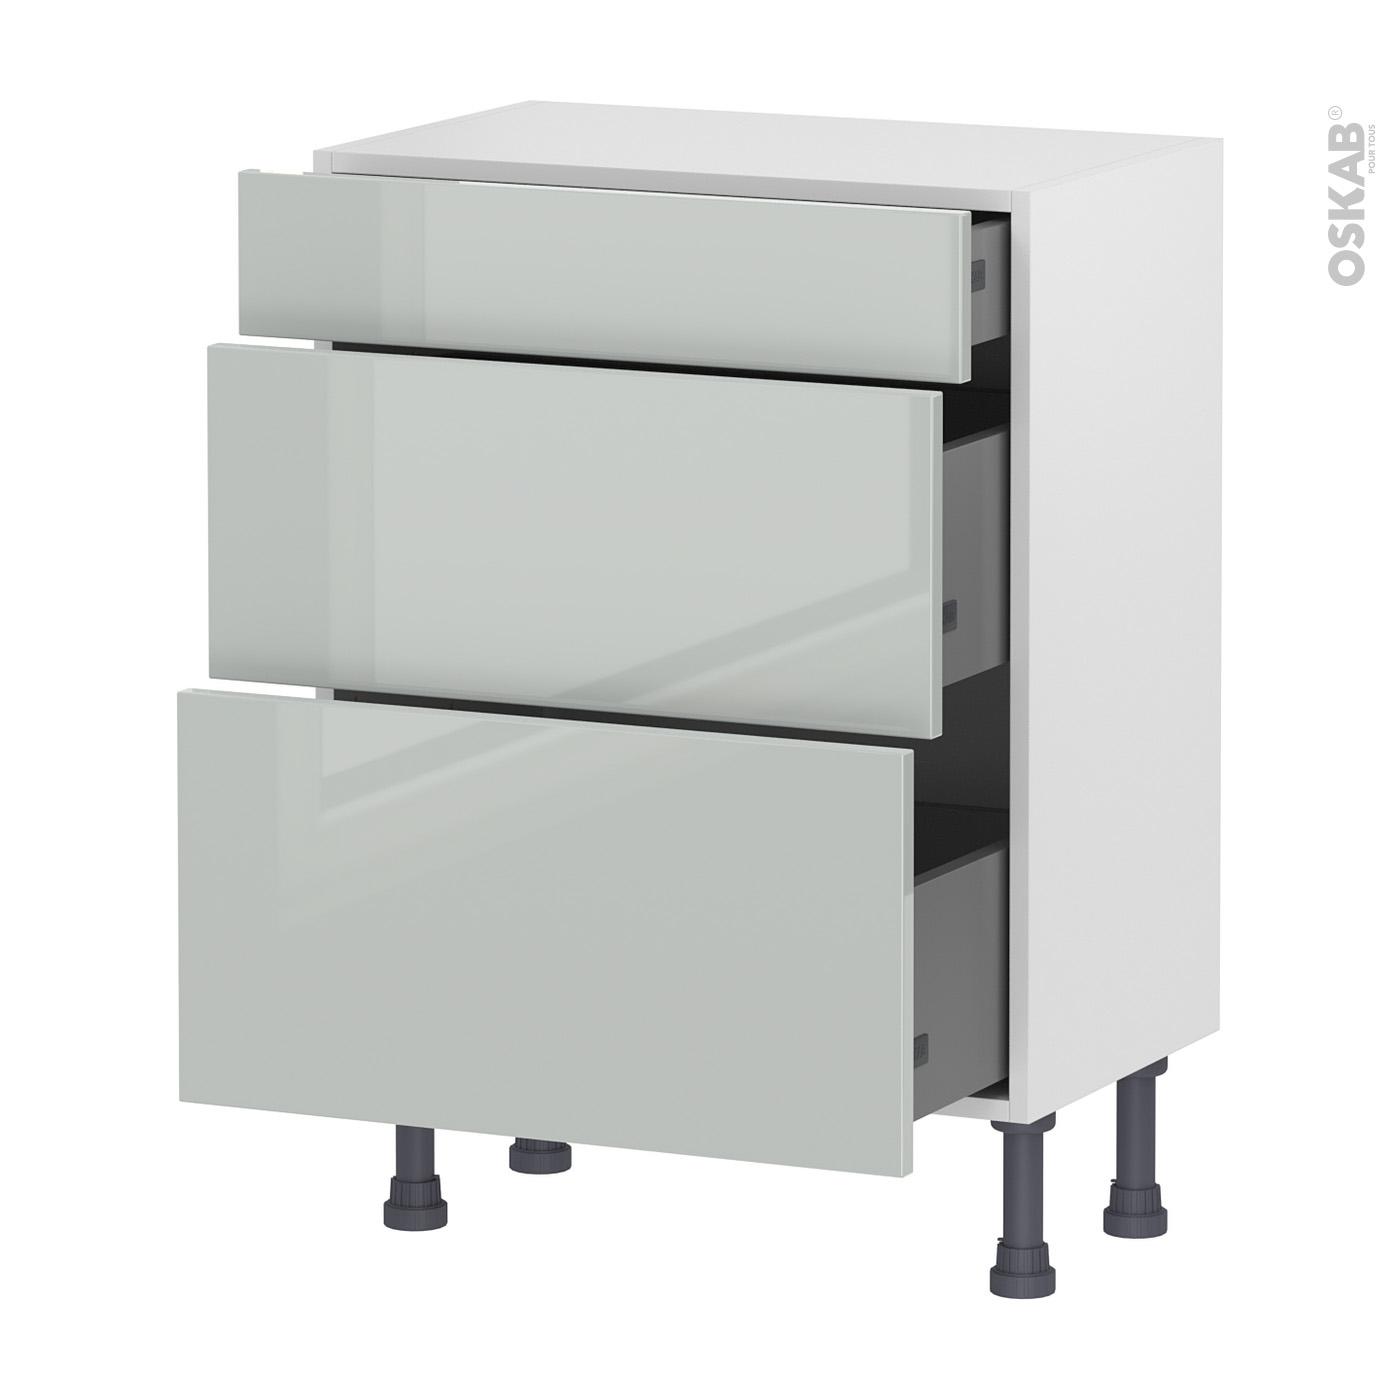 Meuble de cuisine Bas IVIA Gris, 11 tiroirs, L11 x H11 x P117 cm